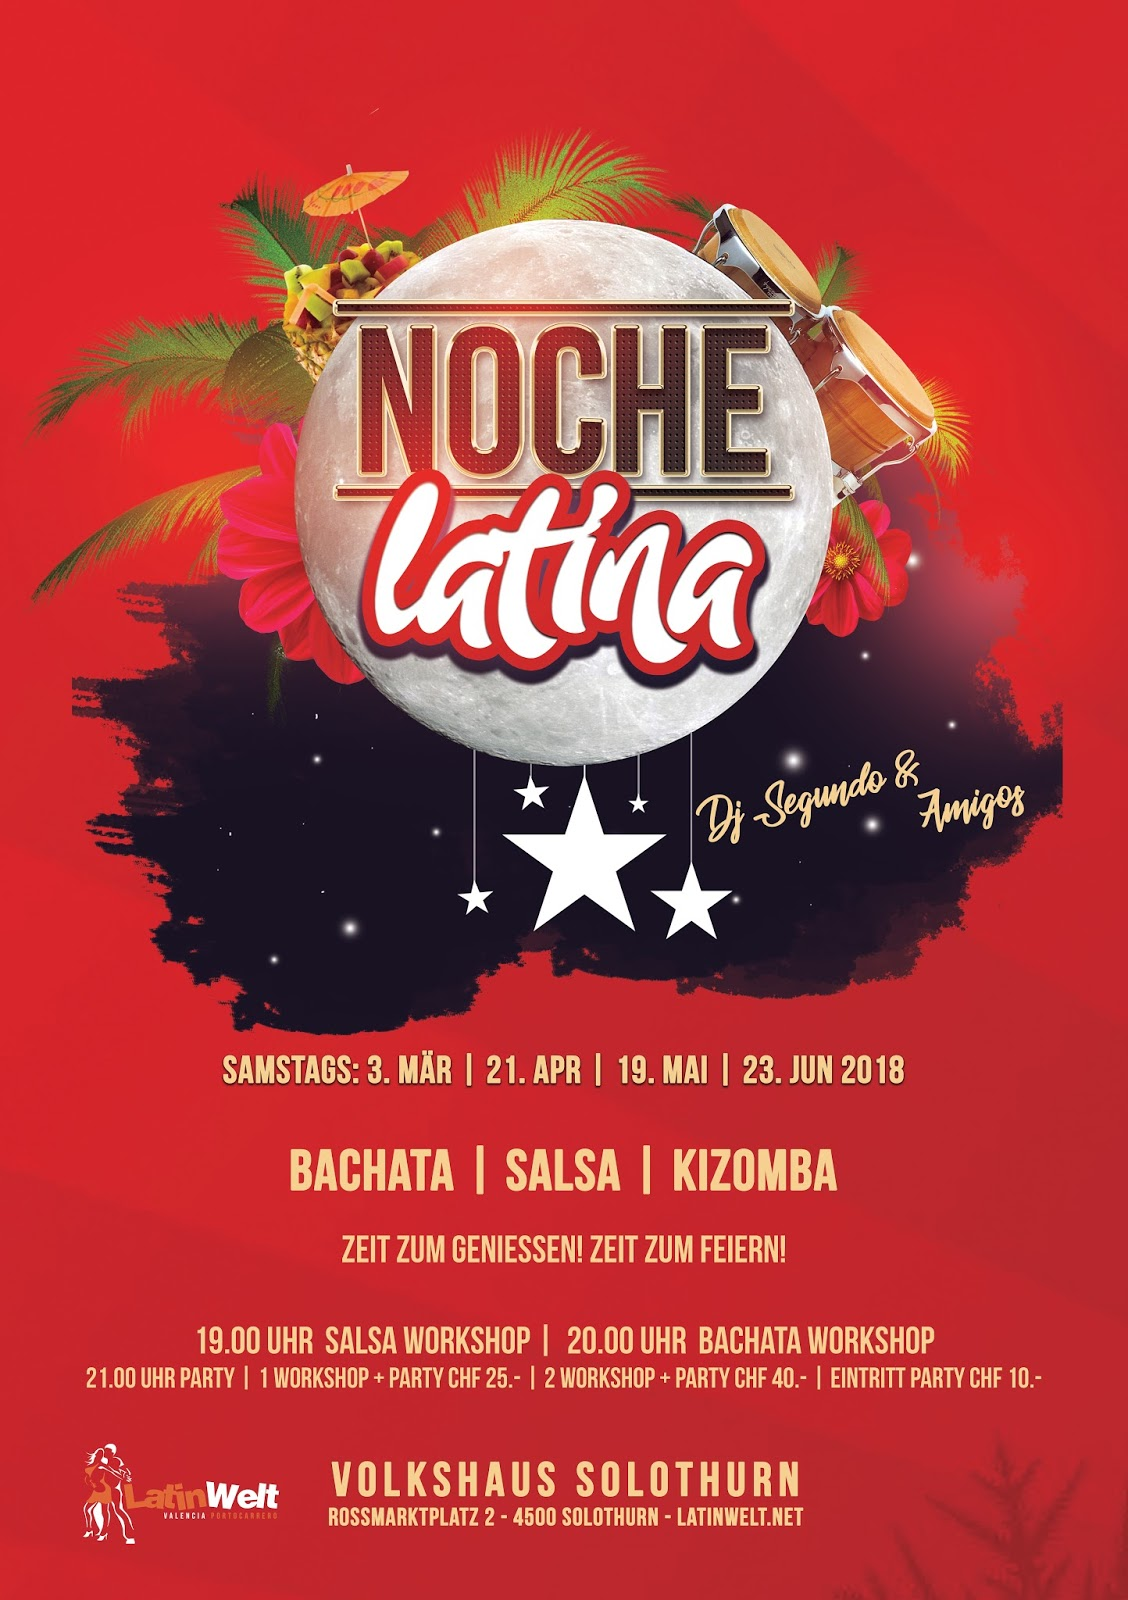 Noche Latina